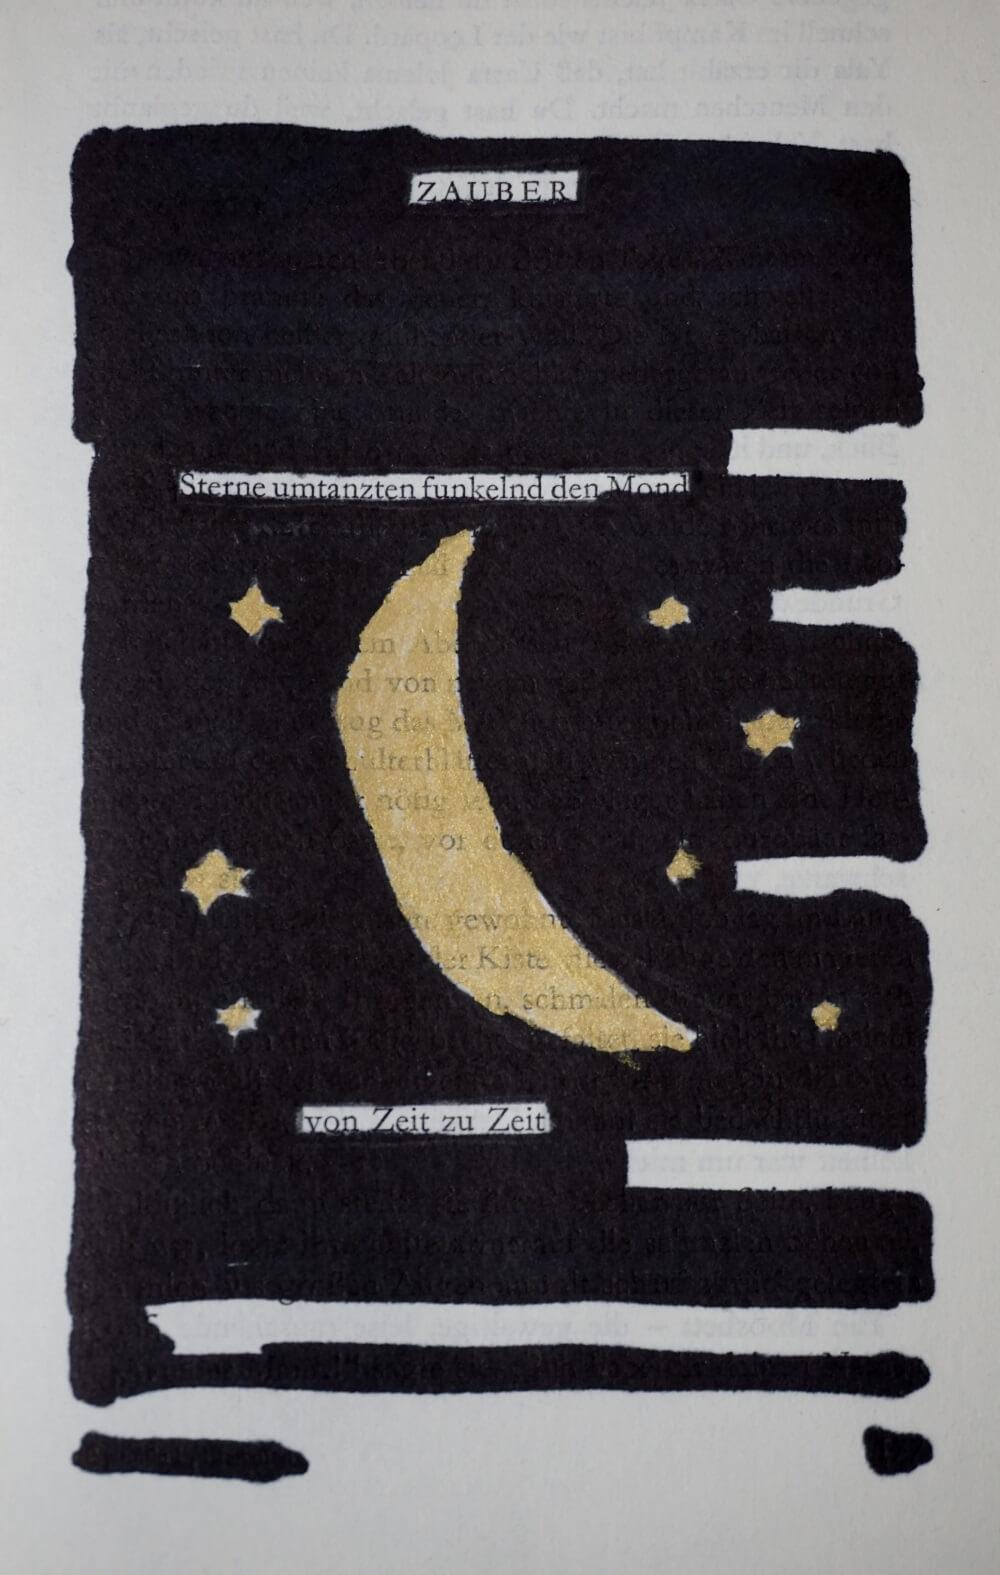 Ein Blackout Poemmit einem goldenen Halbmond und Sternen